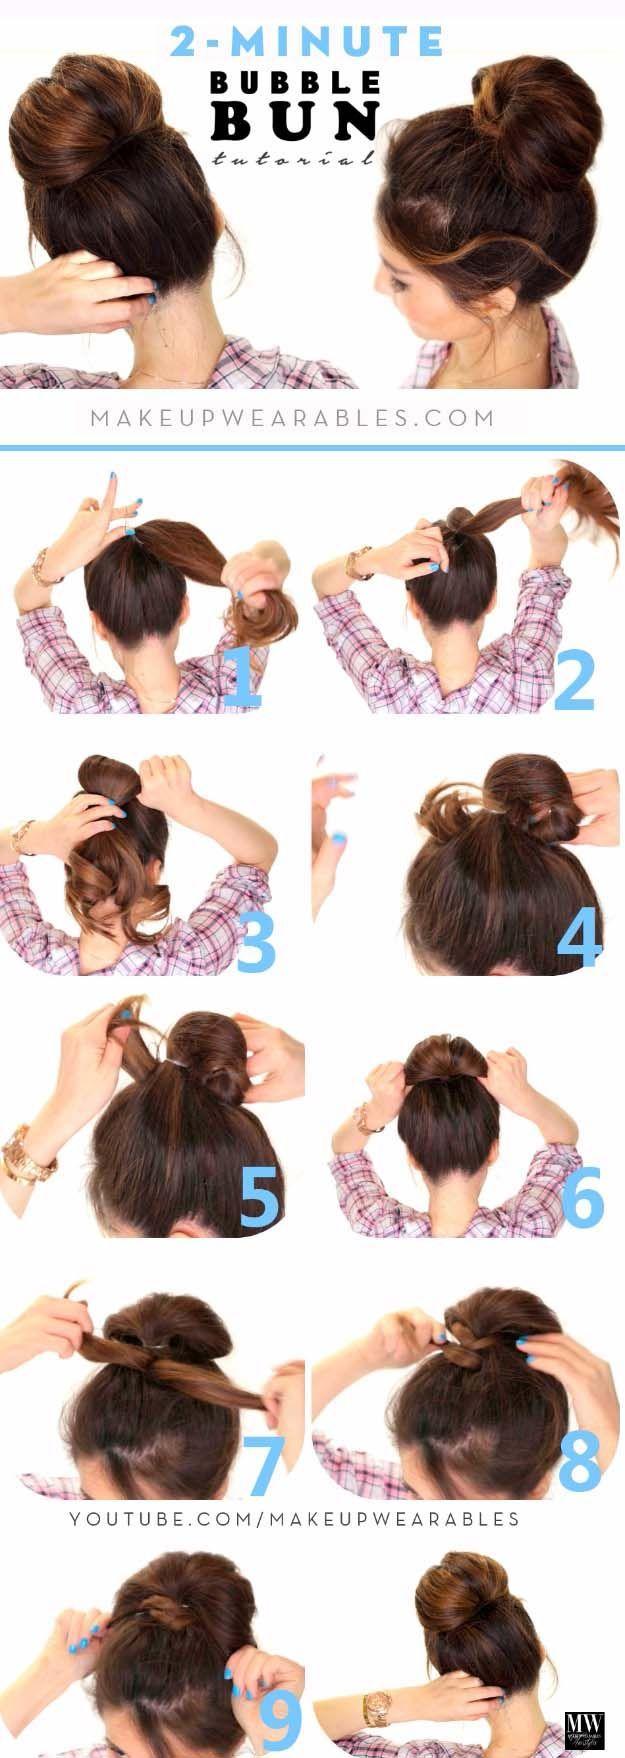 messy top bun tutorial